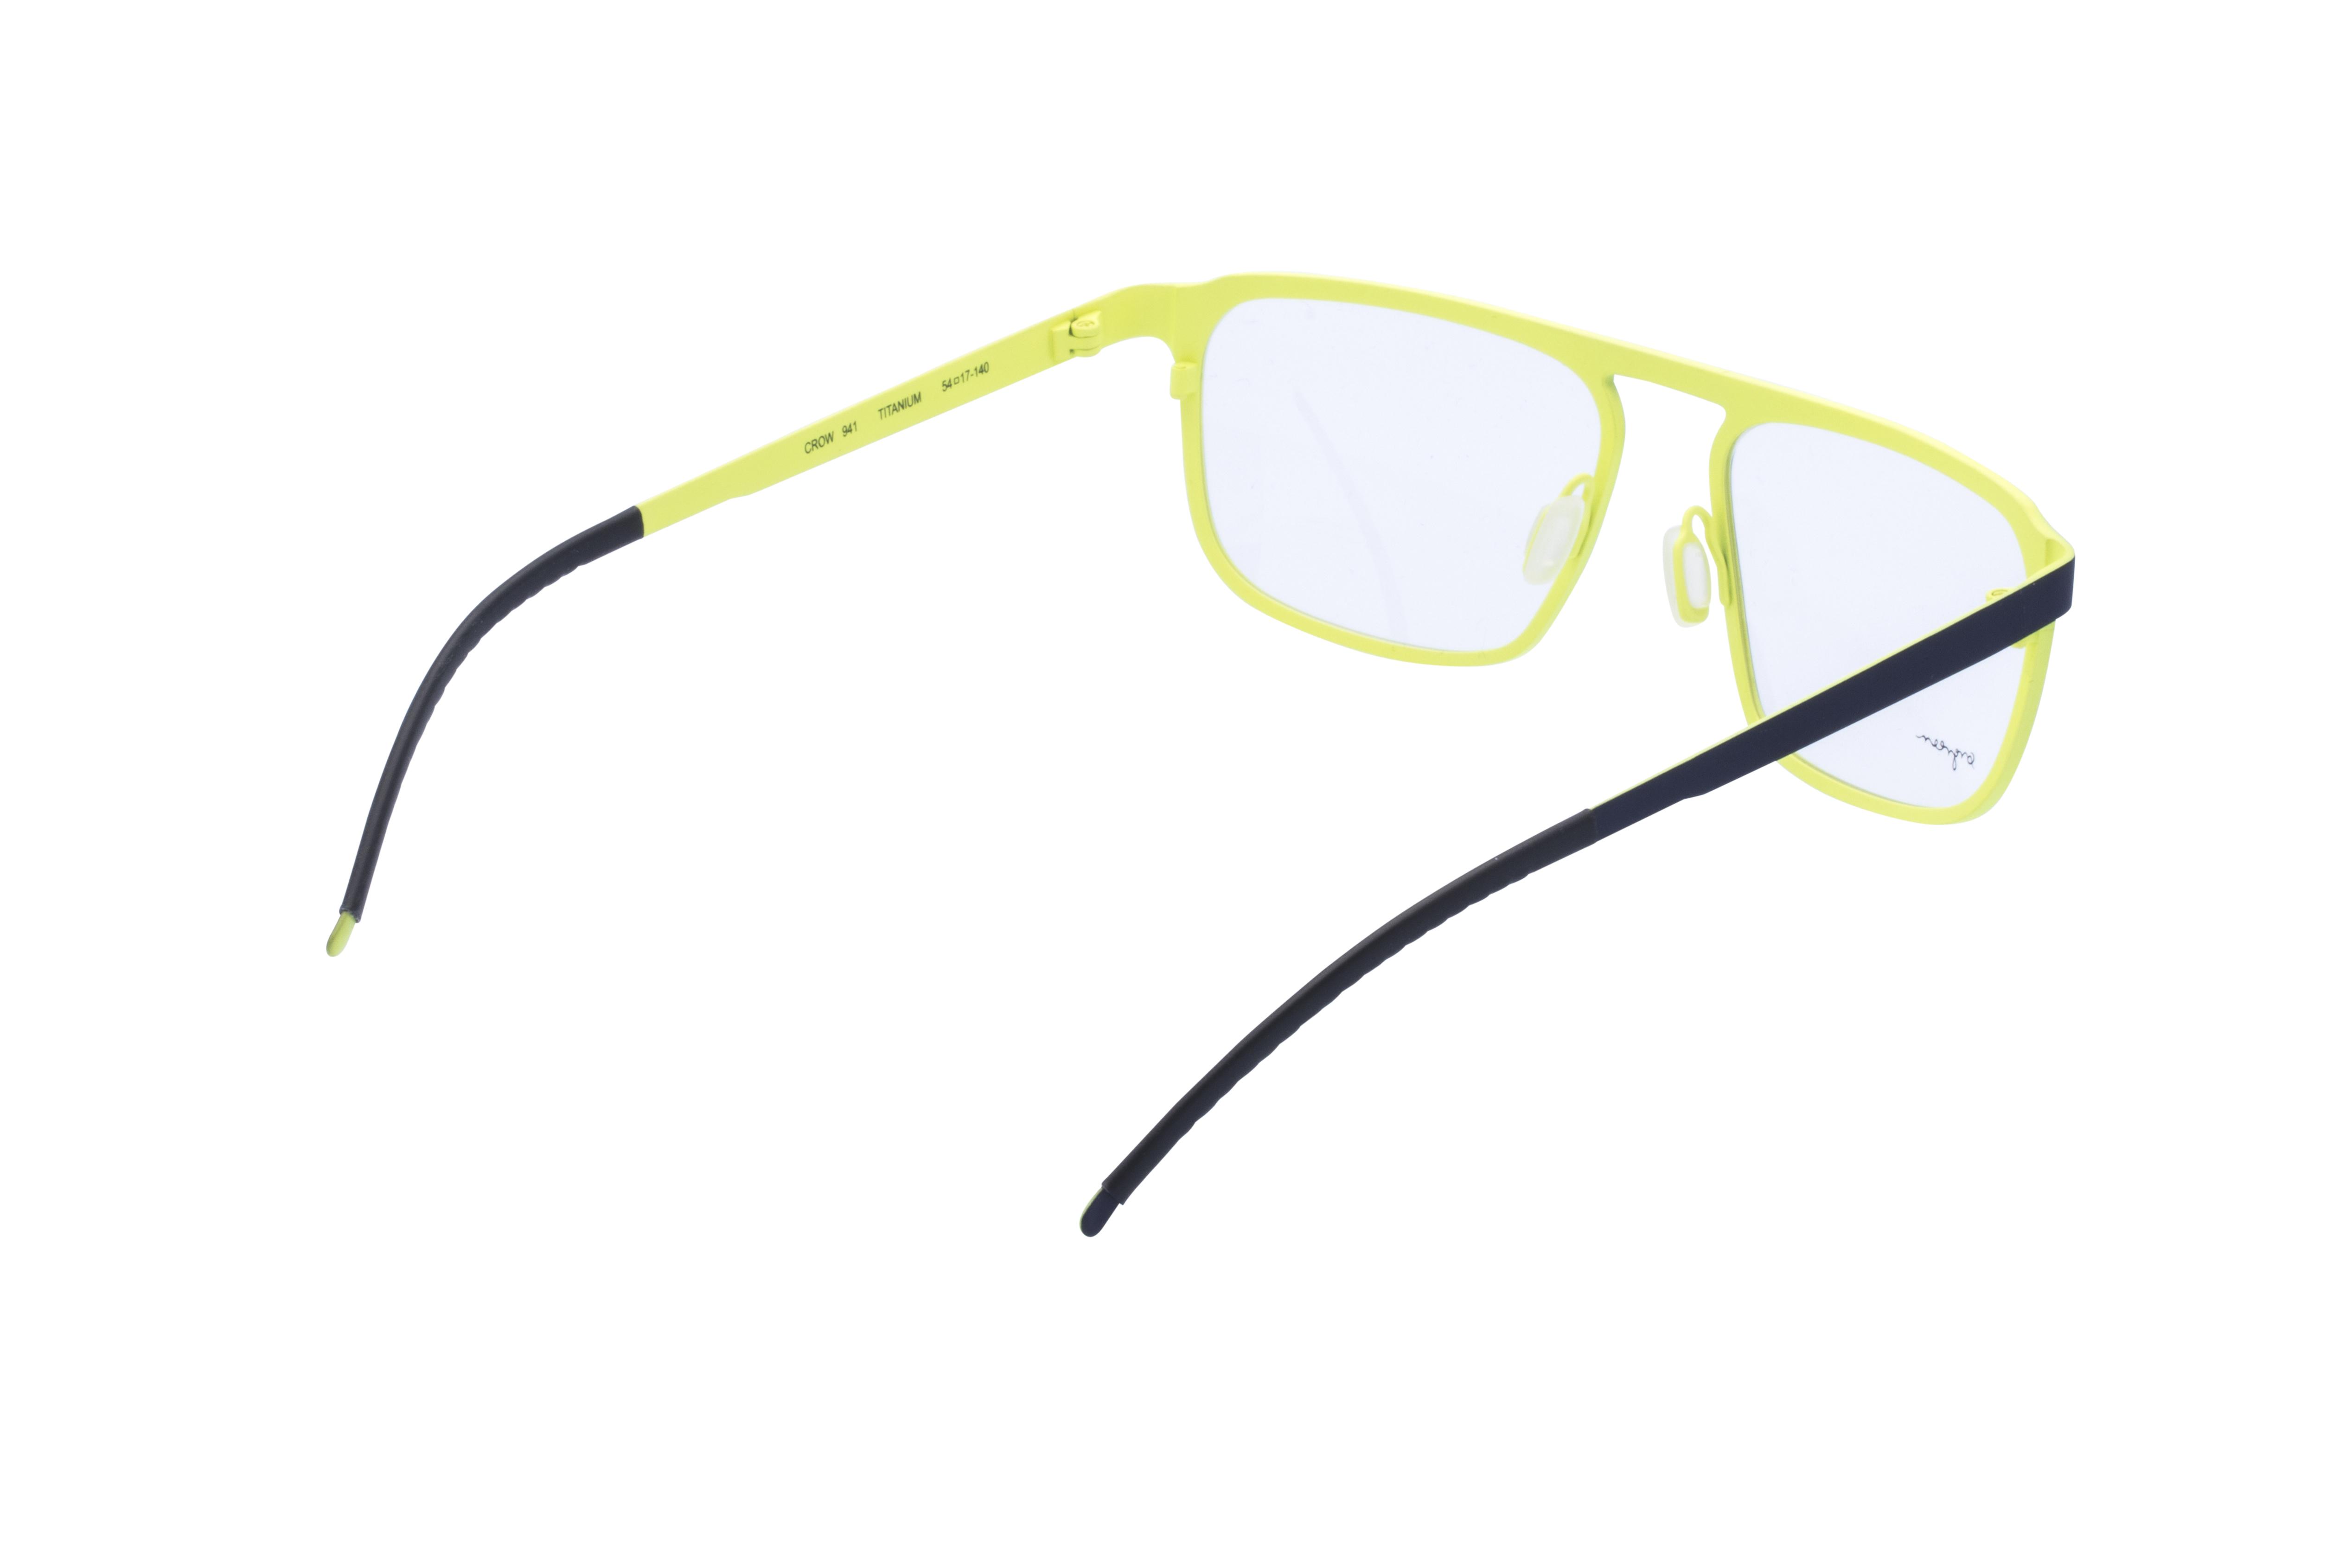 360 Grad Ansicht 9 Orgreen Crow, Brille auf Weiß - Fassung bei KUNK